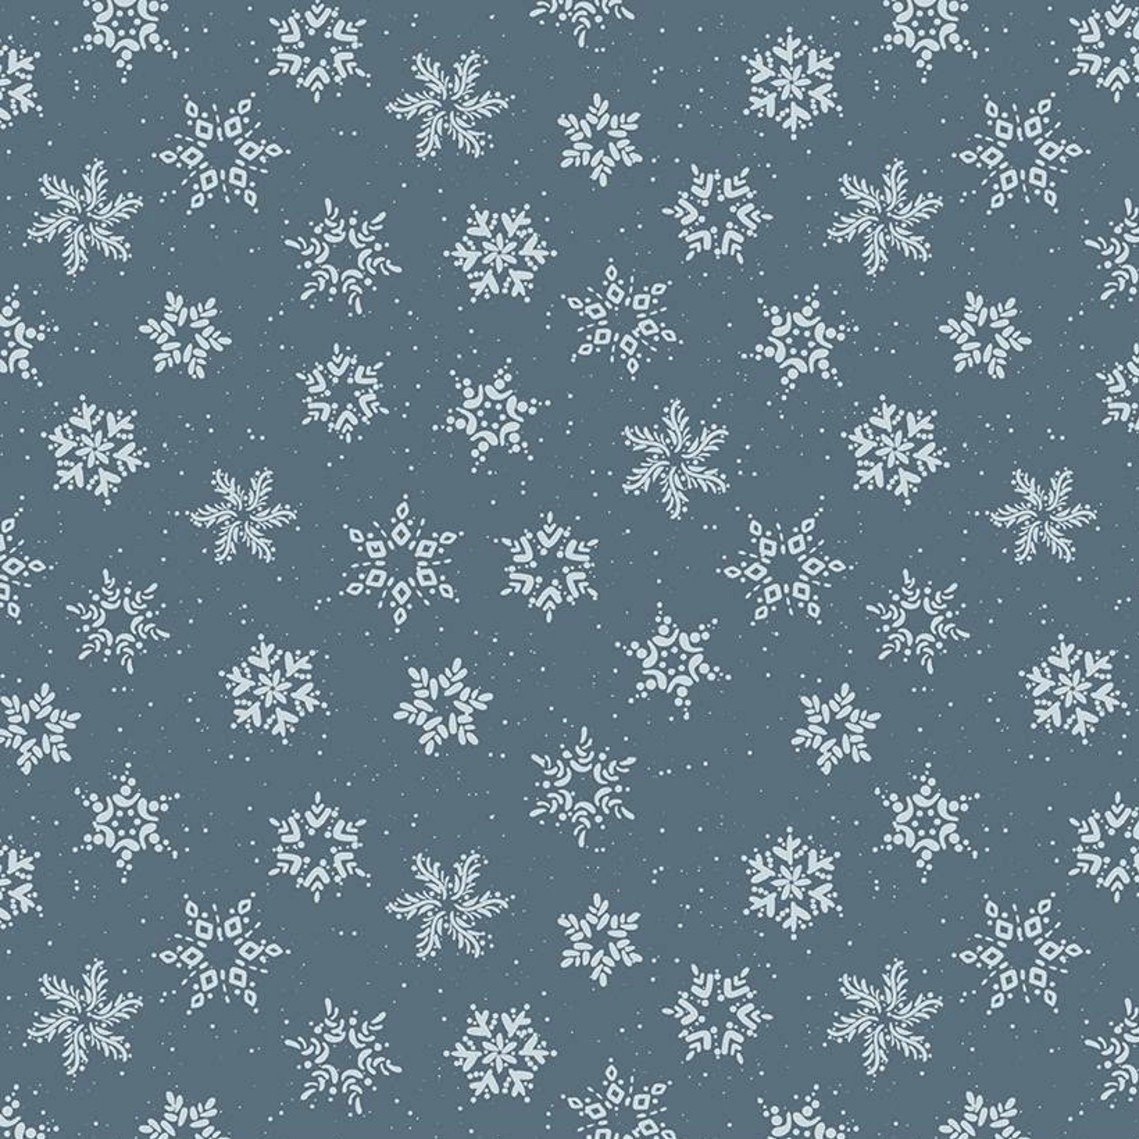 Amanda Castor Winterland - Snowflakes (Colonial)